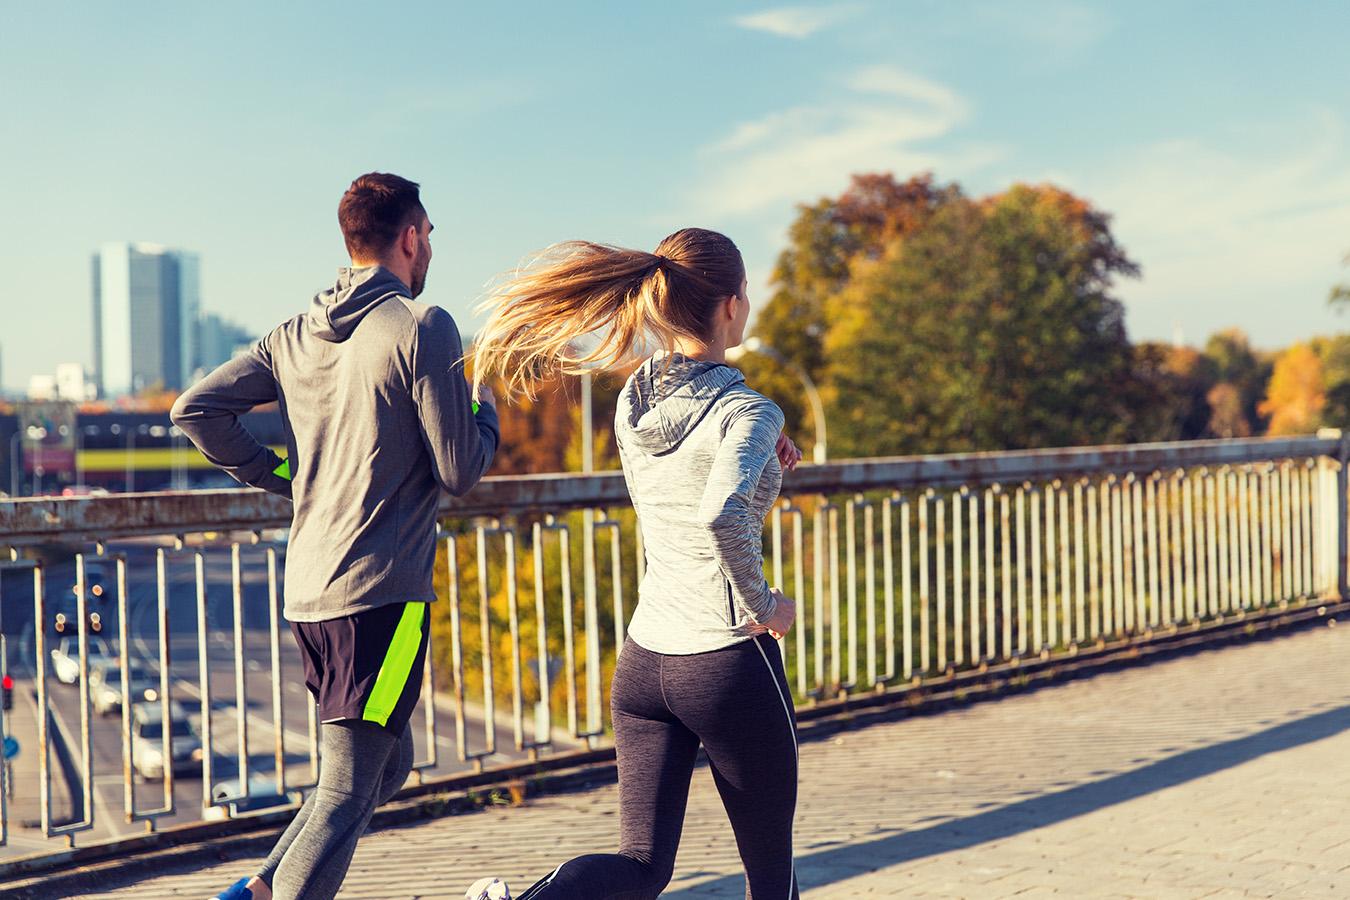 Razgovor za vrijeme trčanja